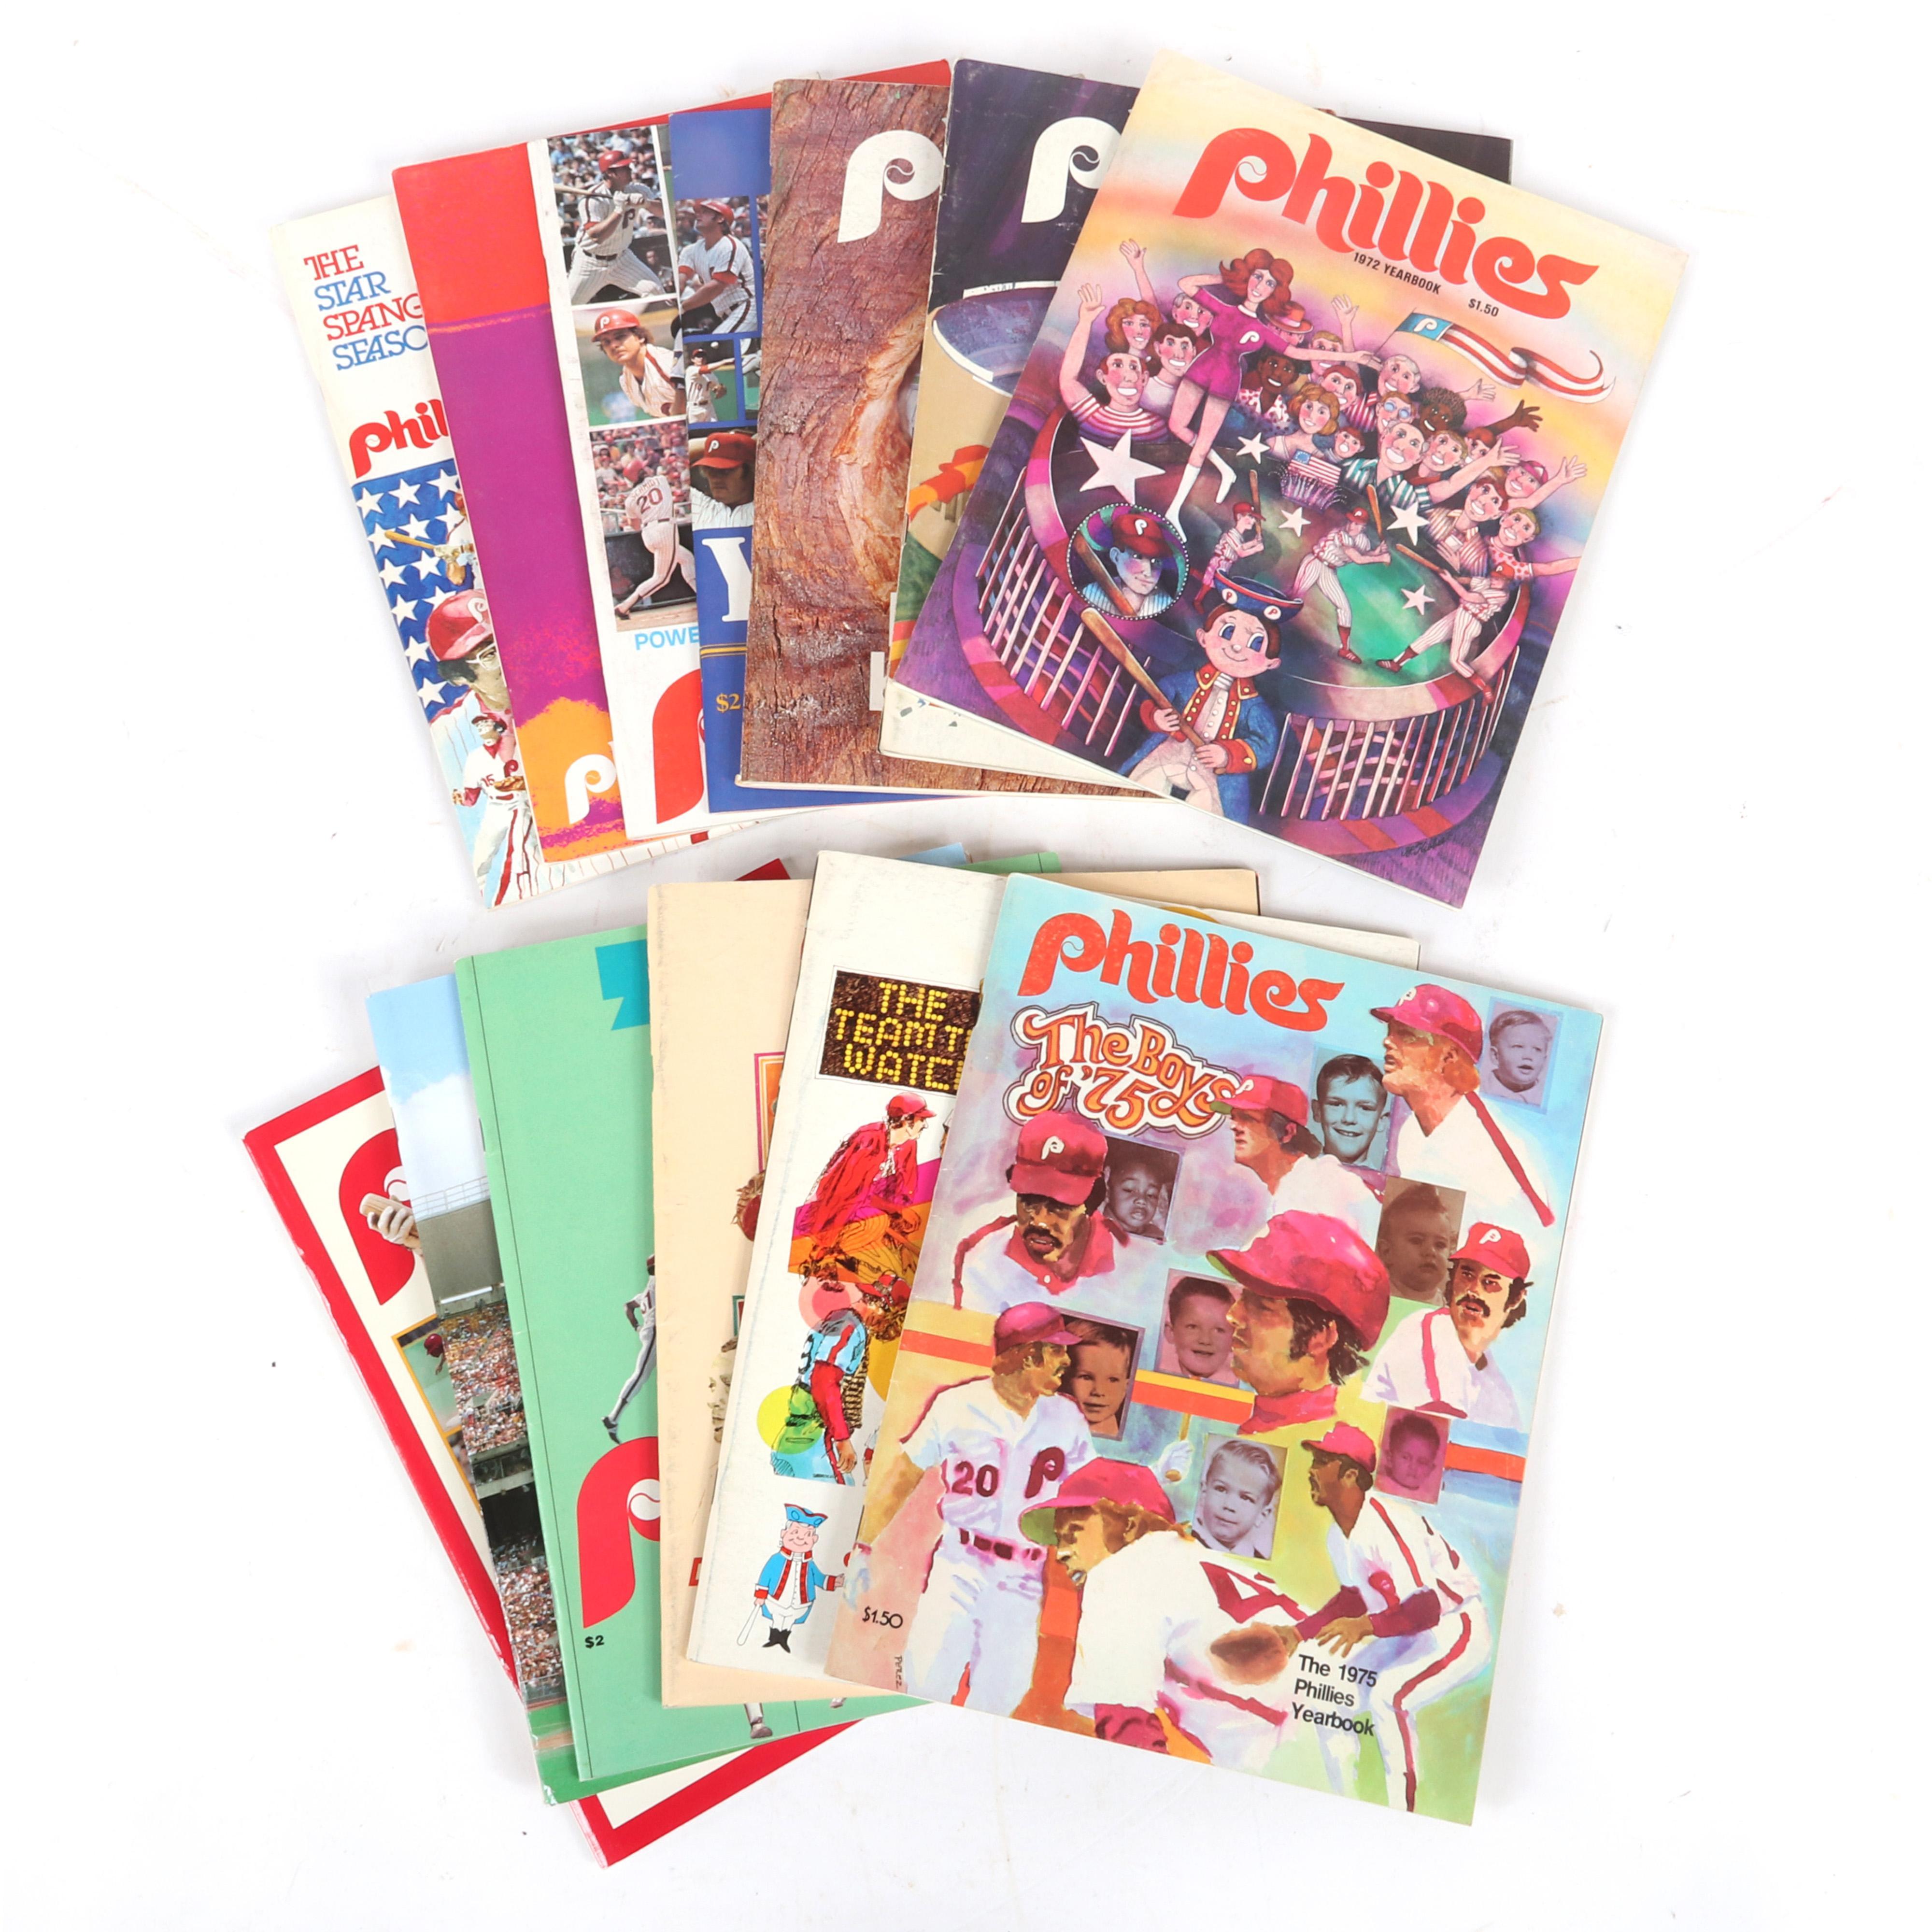 14 Philadelphia Phillies Yearbooks